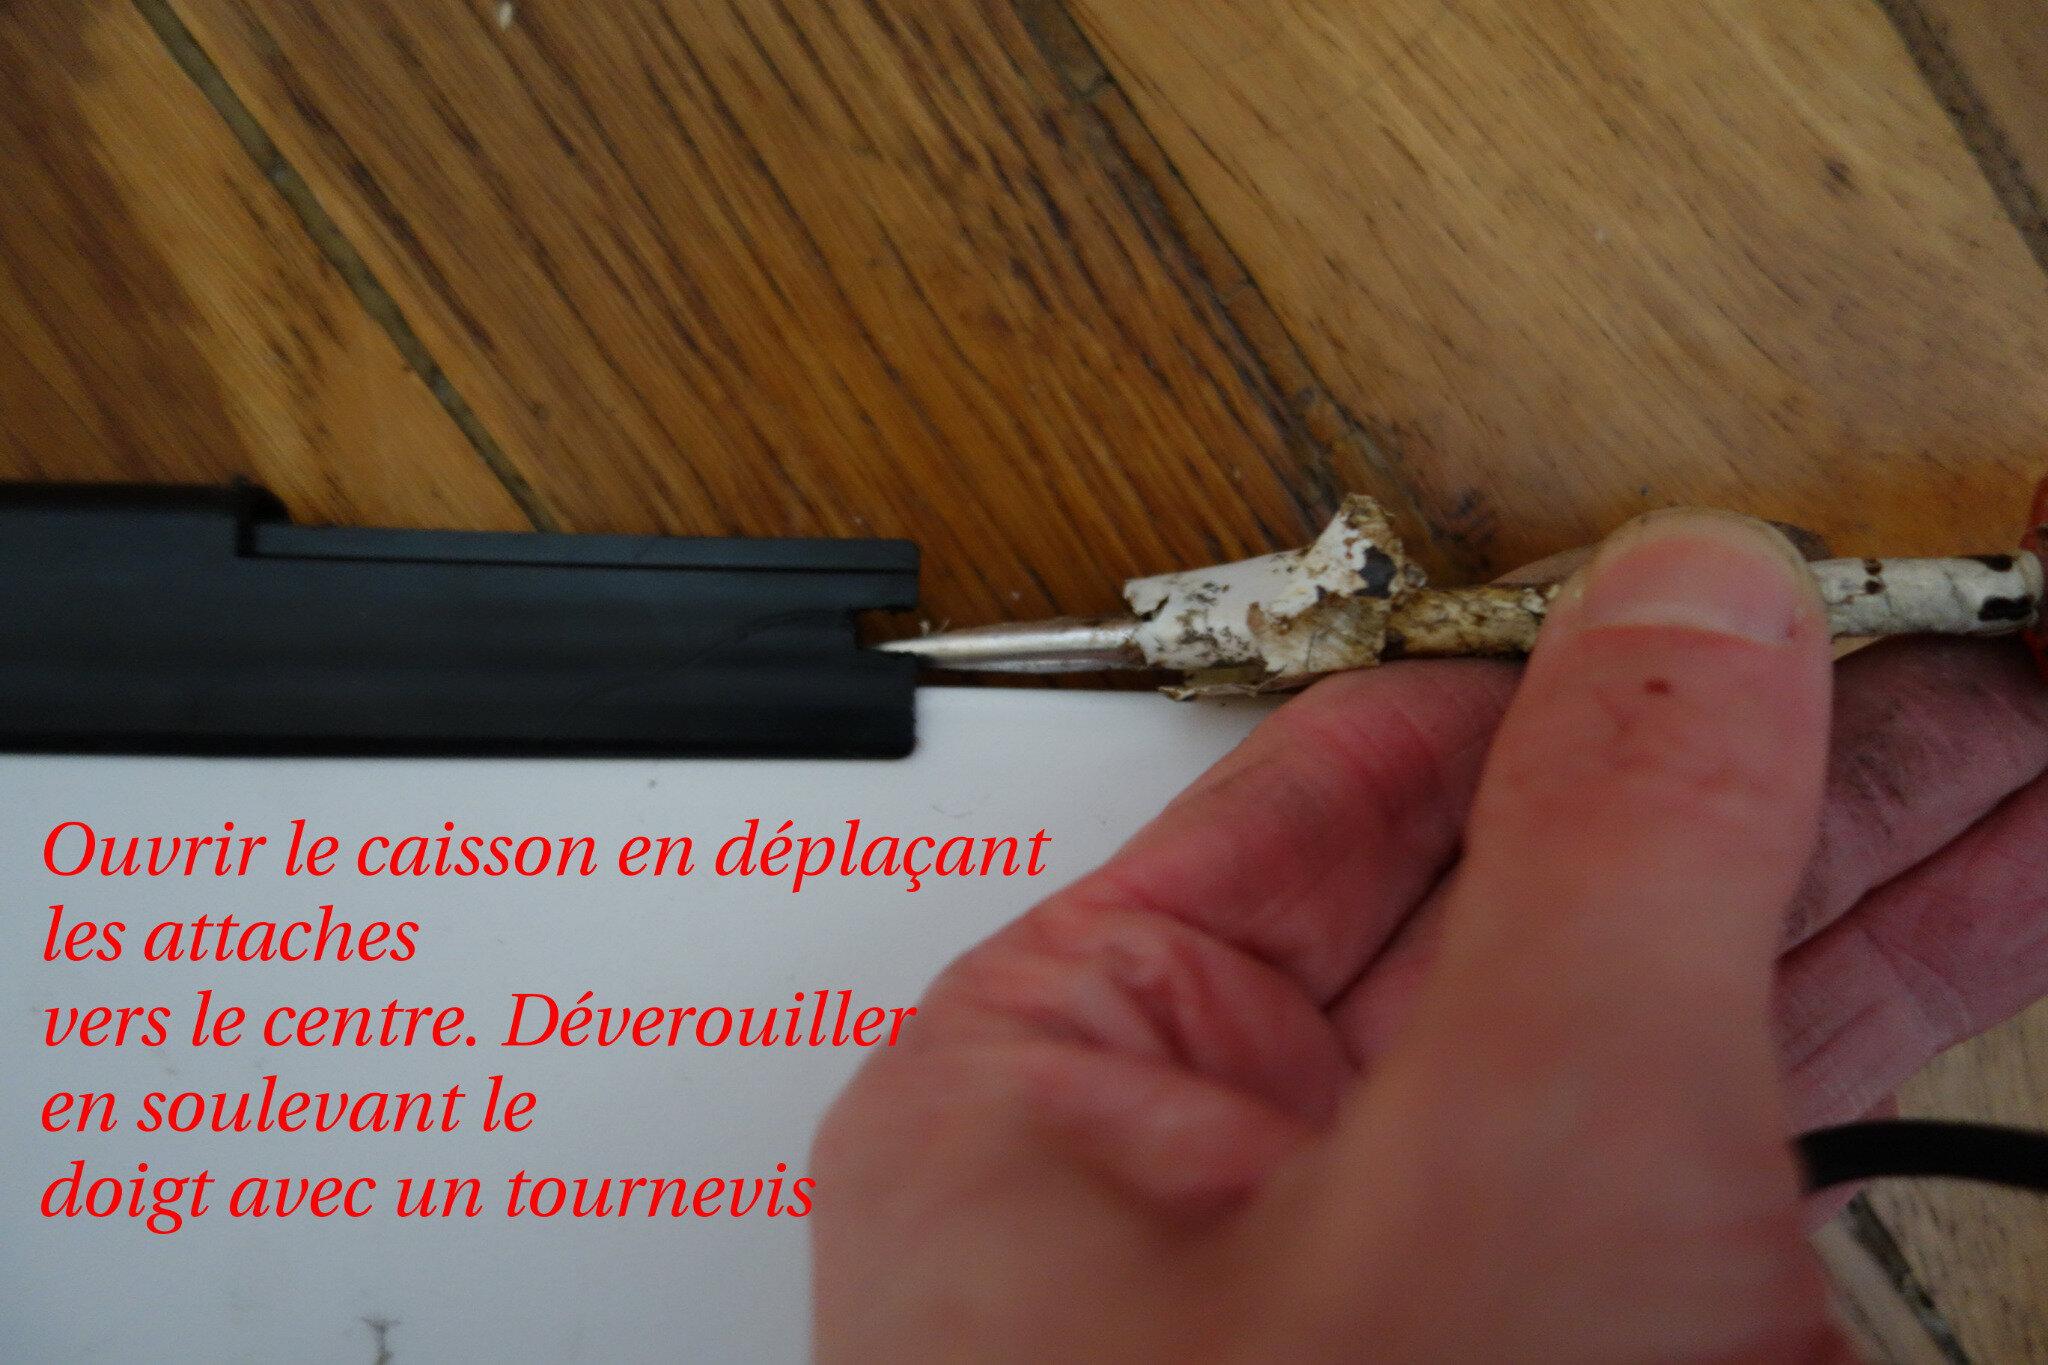 Remplacement Du Moteur Id2 D Un Volet Roulant Bubendorff